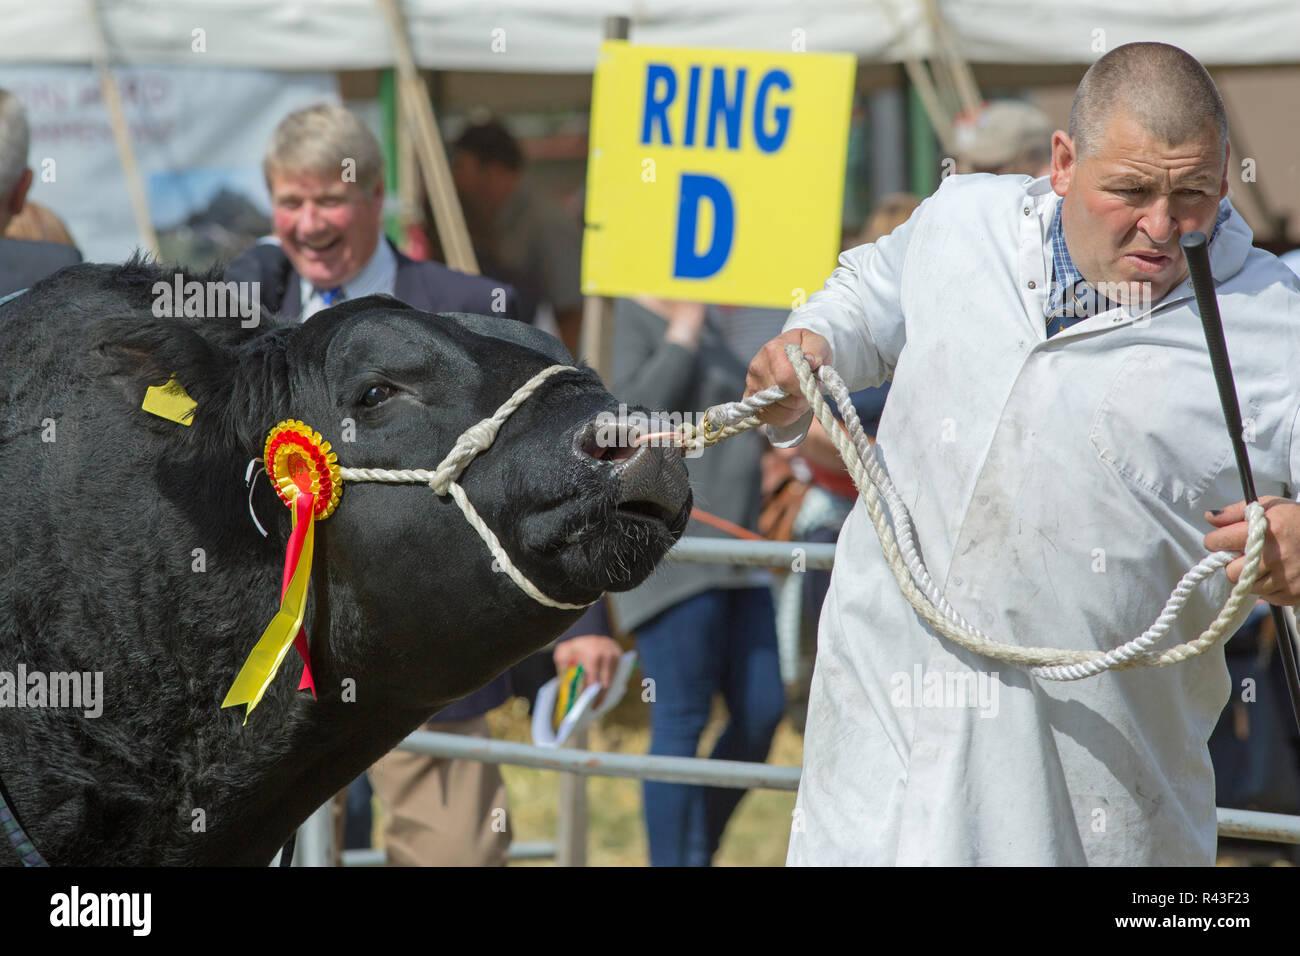 Muestra de la agricultura. Aylsham. August Bank Holiday el lunes. Blickling. En Norfolk. Aberdeen Angus, Bull, raza cárnica, ganado campeón siendo led alrededor del anillo por una stockman show. Imagen De Stock